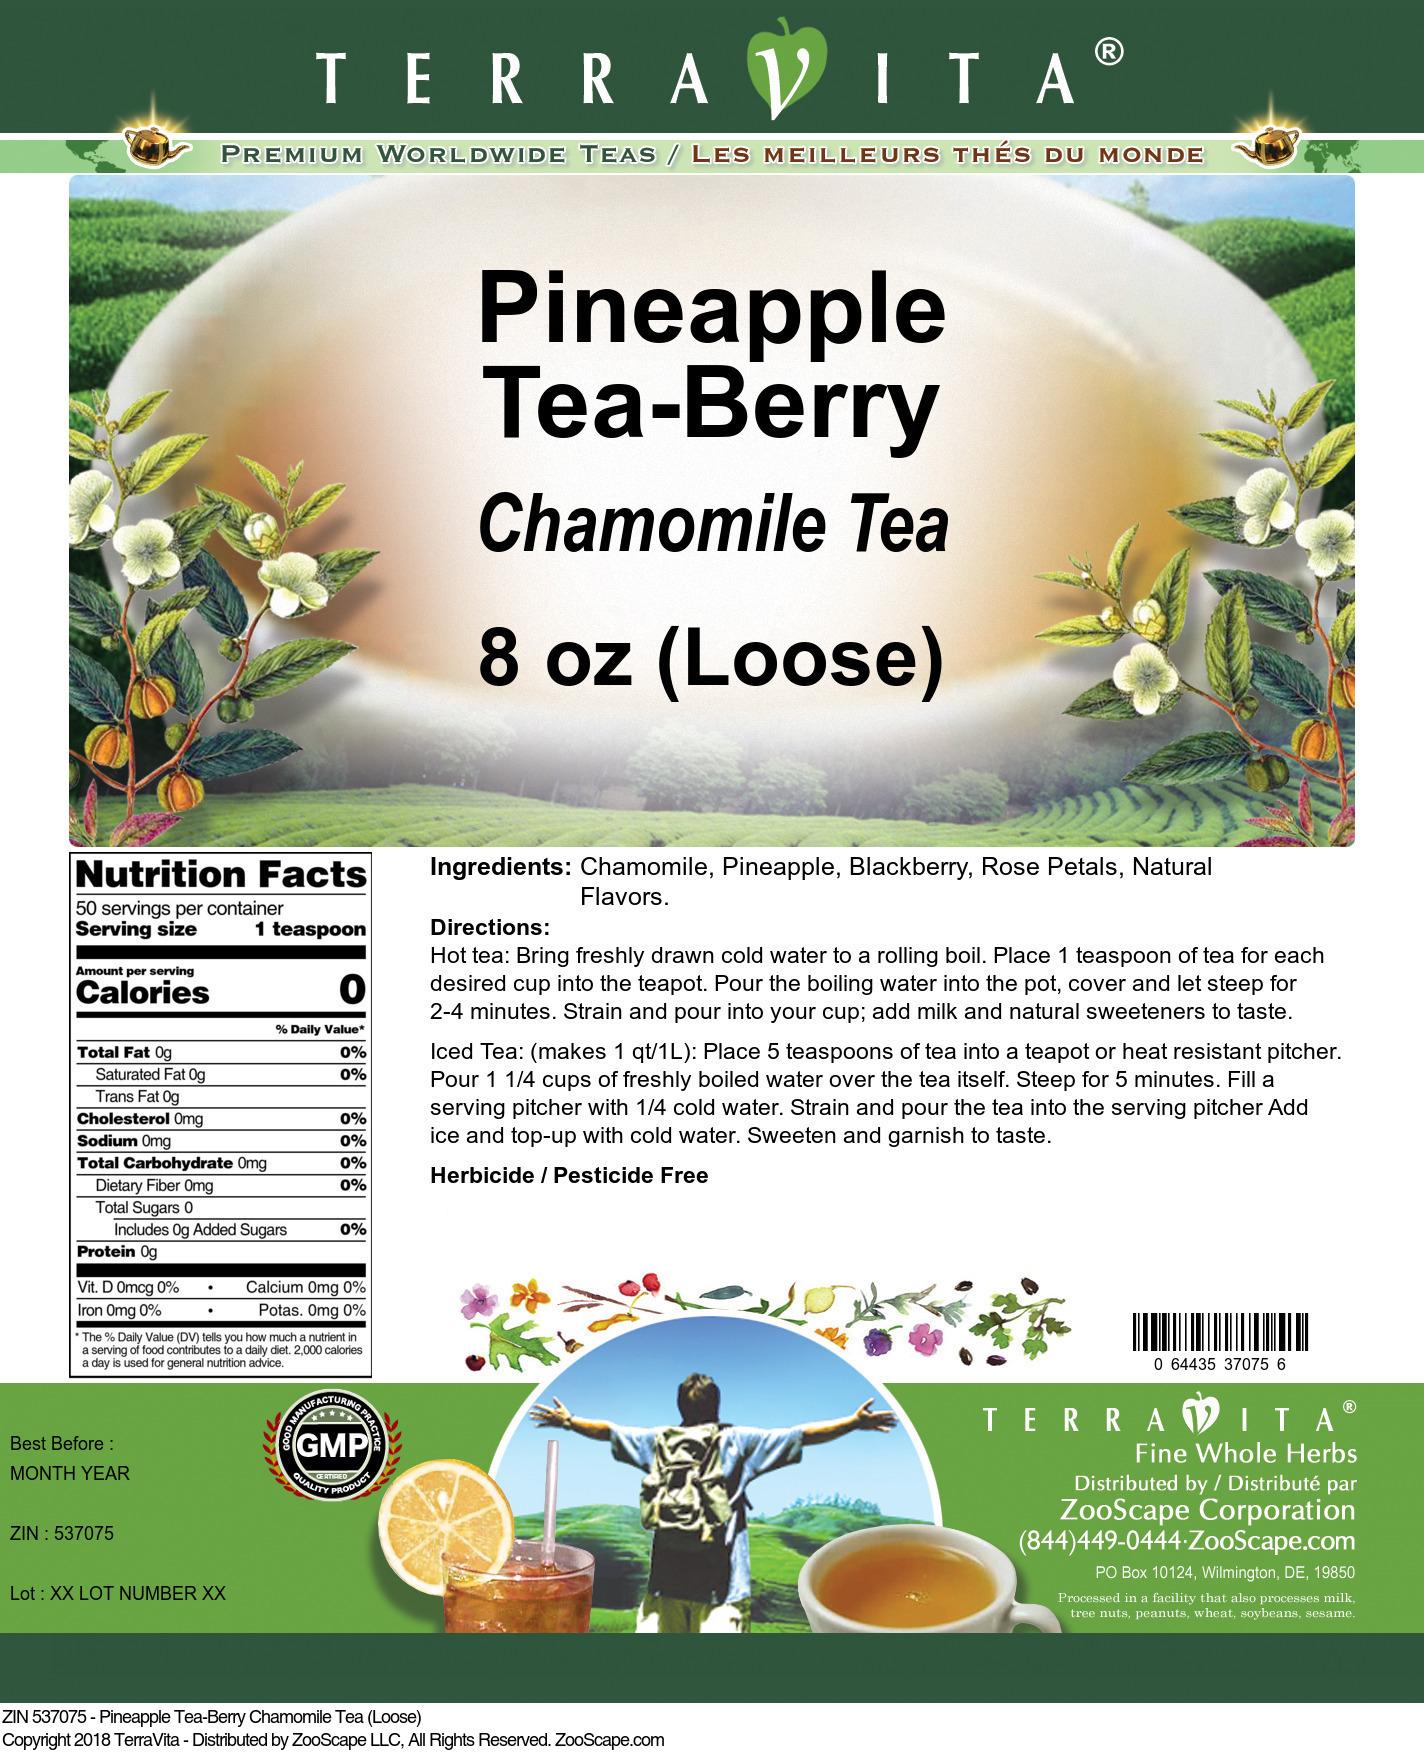 Pineapple Tea-Berry Chamomile Tea (Loose)